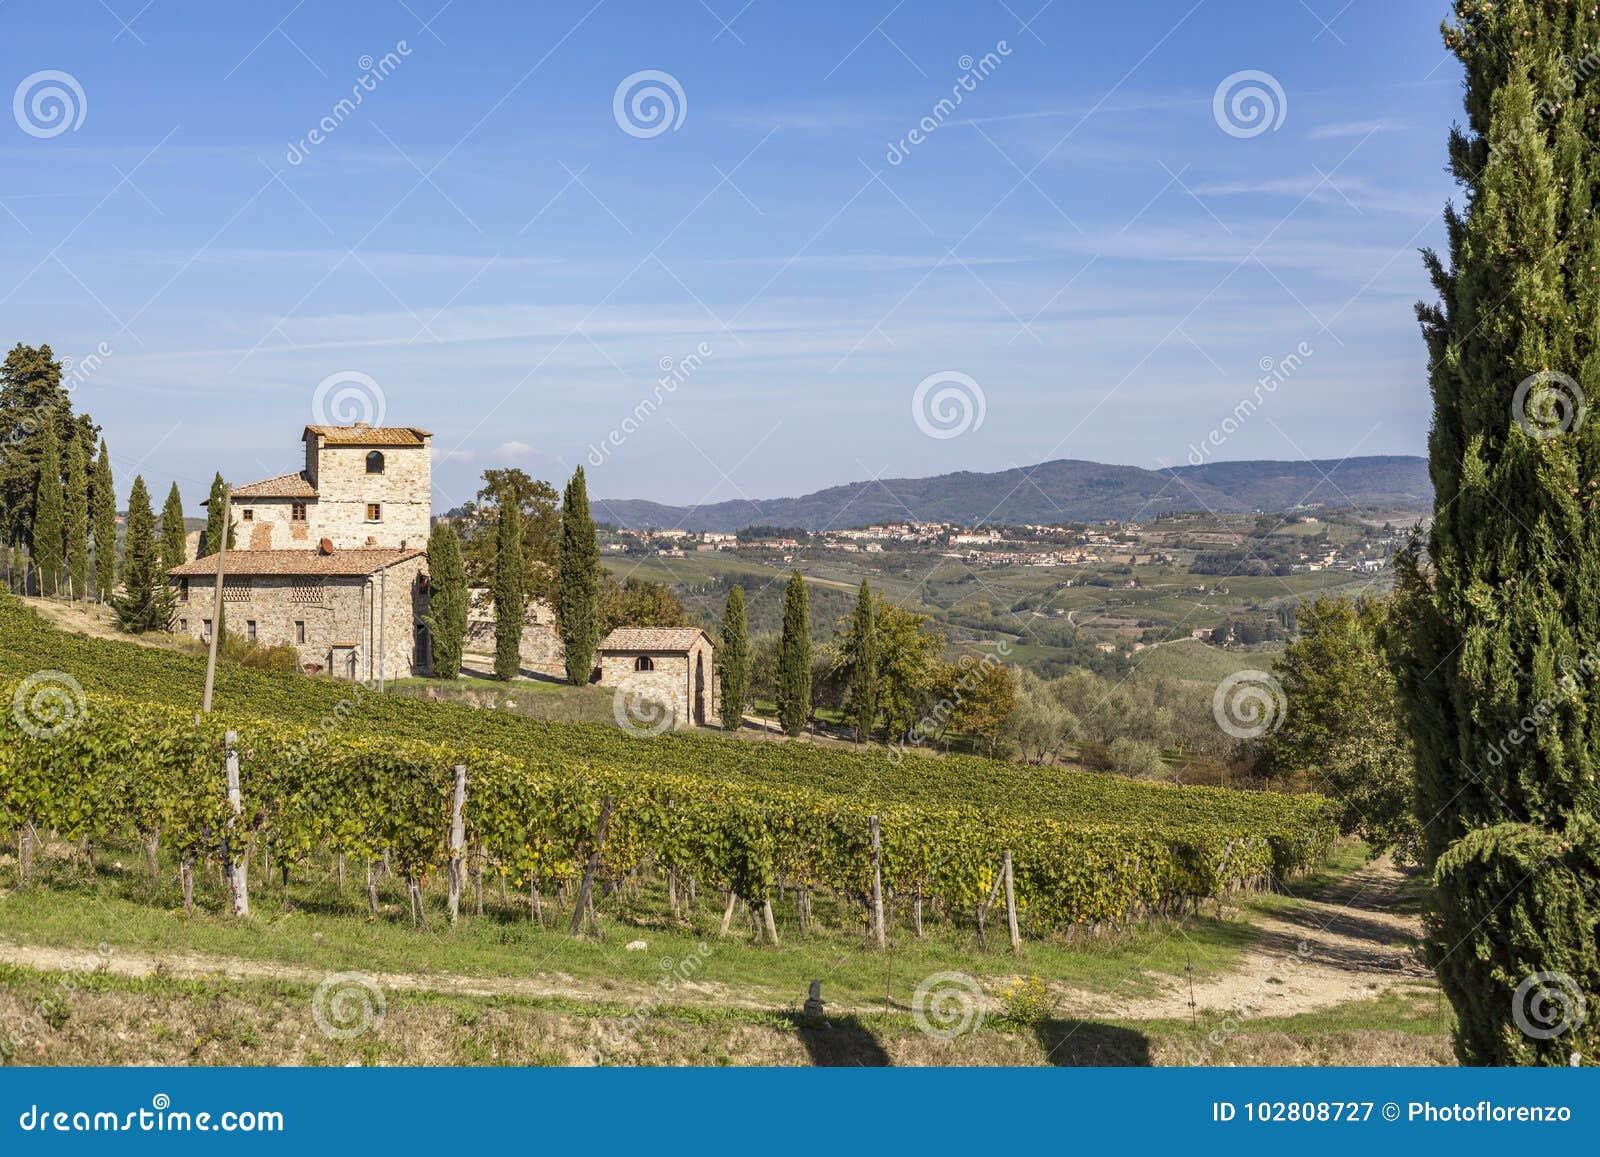 Altes Steinhaus auf einem Hügel mit Weinbergen im Chianti in Toskana I